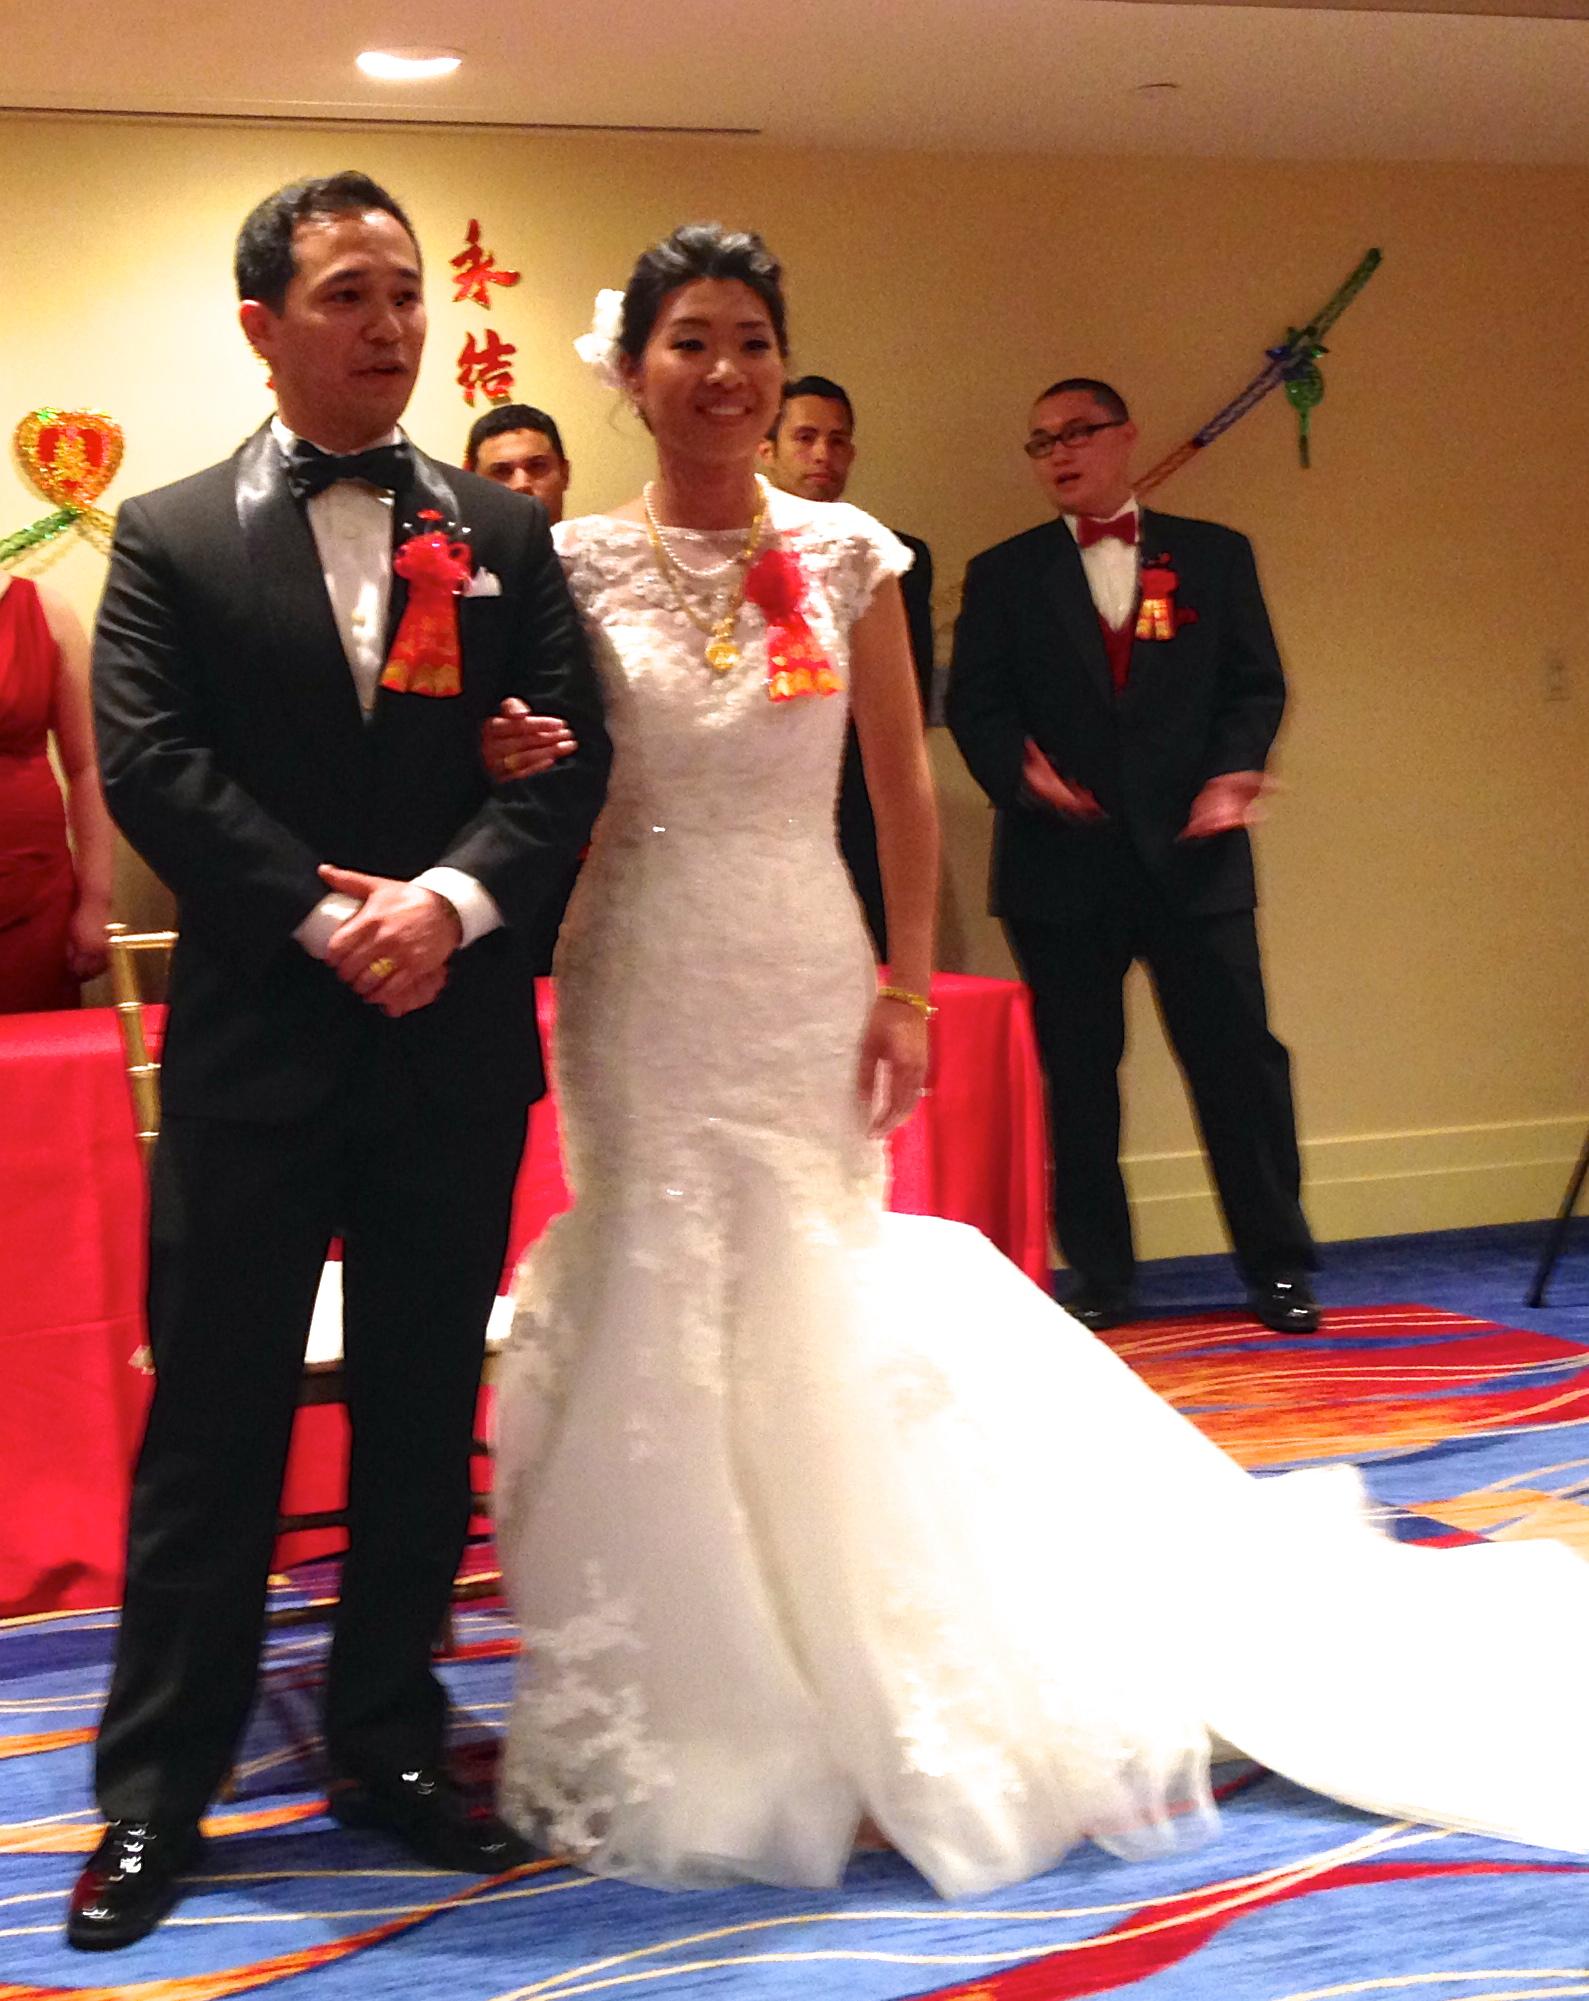 A Chinese/Jewish Wedding